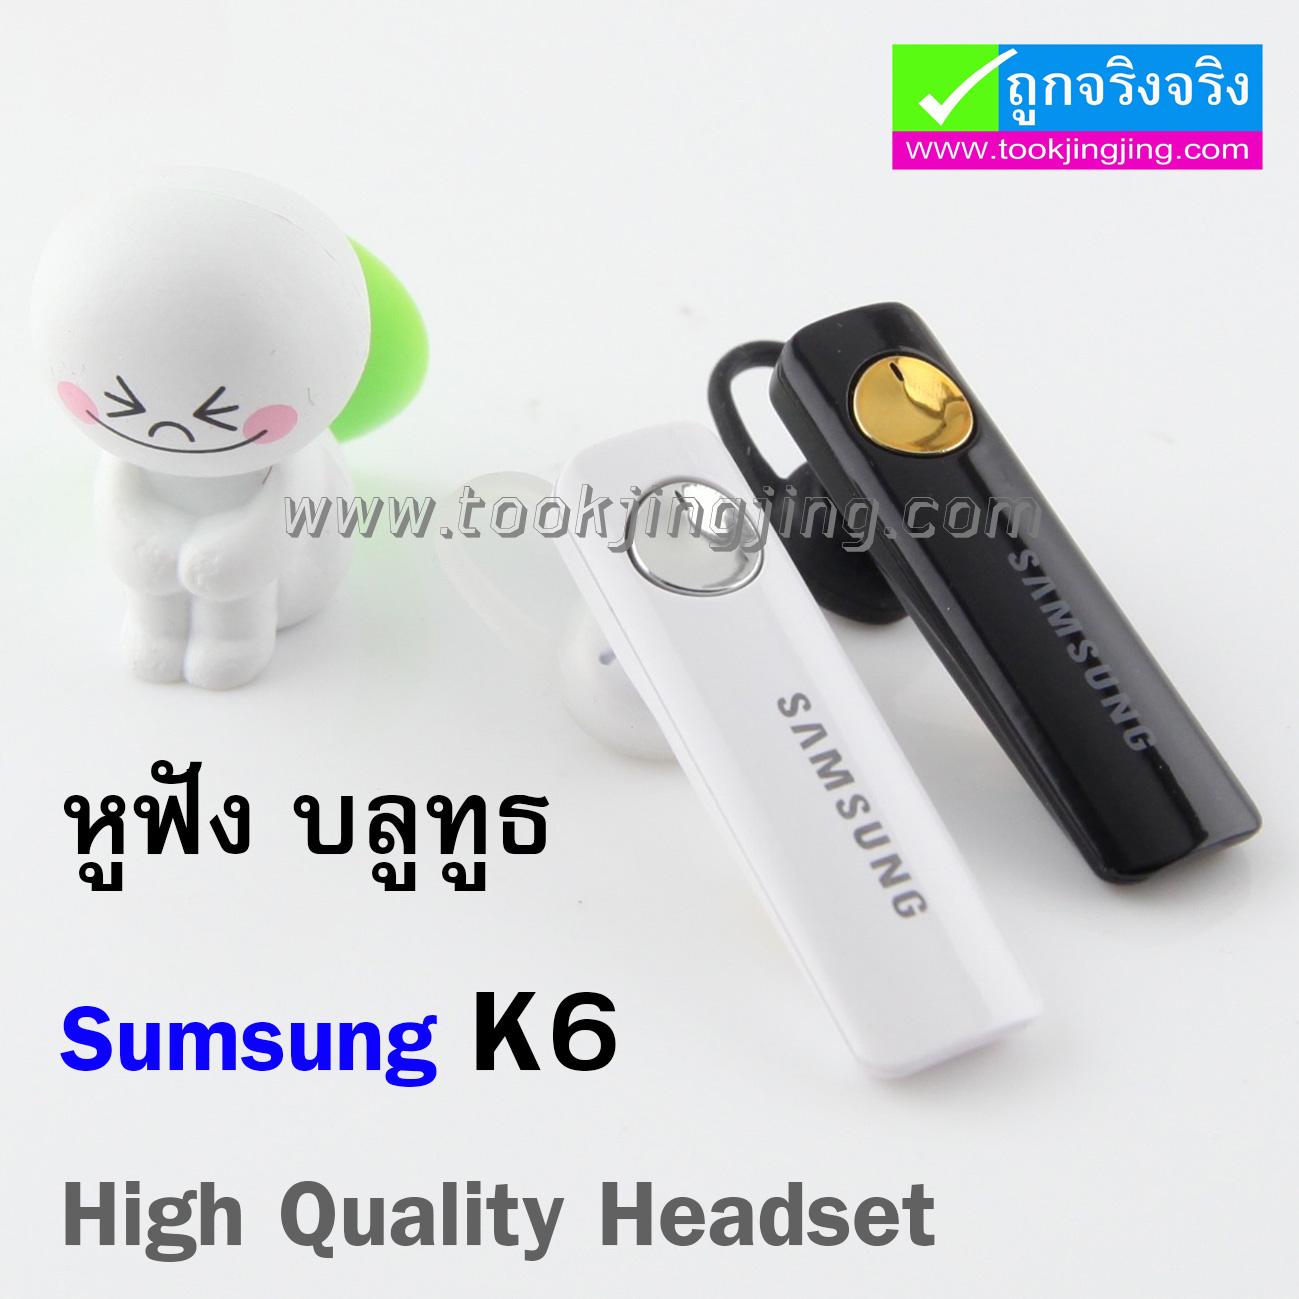 หูฟัง บลูทูธ Samsung K6 High Quality Headset ลดเหลือ 310 บาท ปกติ 775 บาท